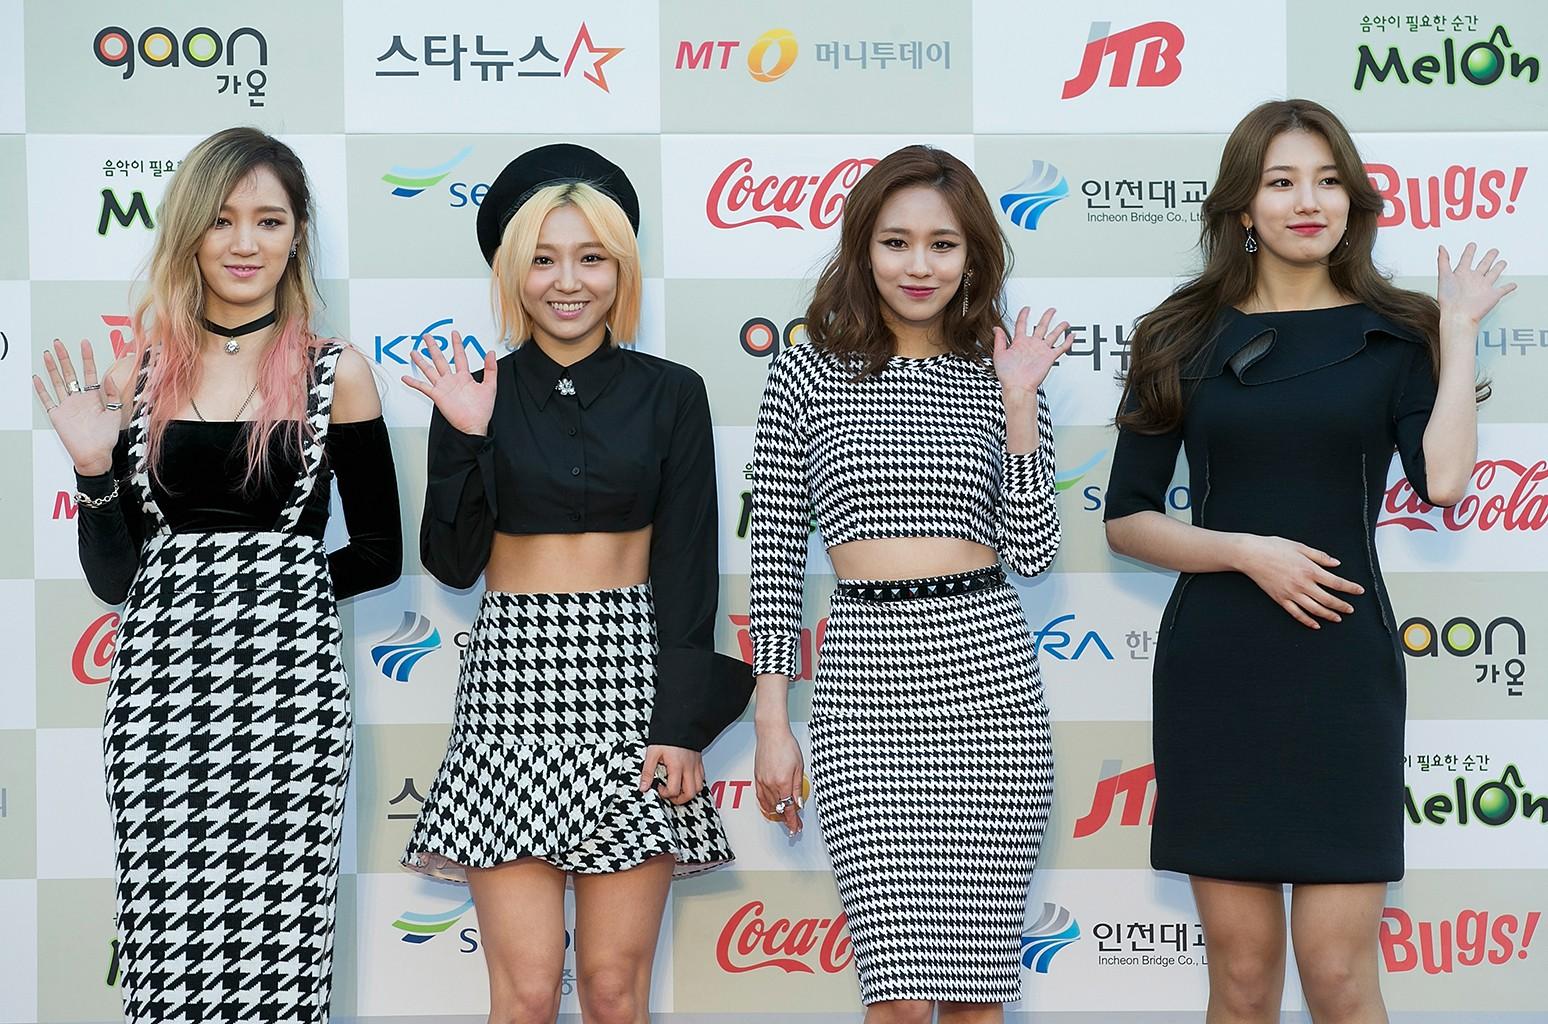 miss A Break Up: K-pop Girl Group Confirms Split | Billboard | Billboard